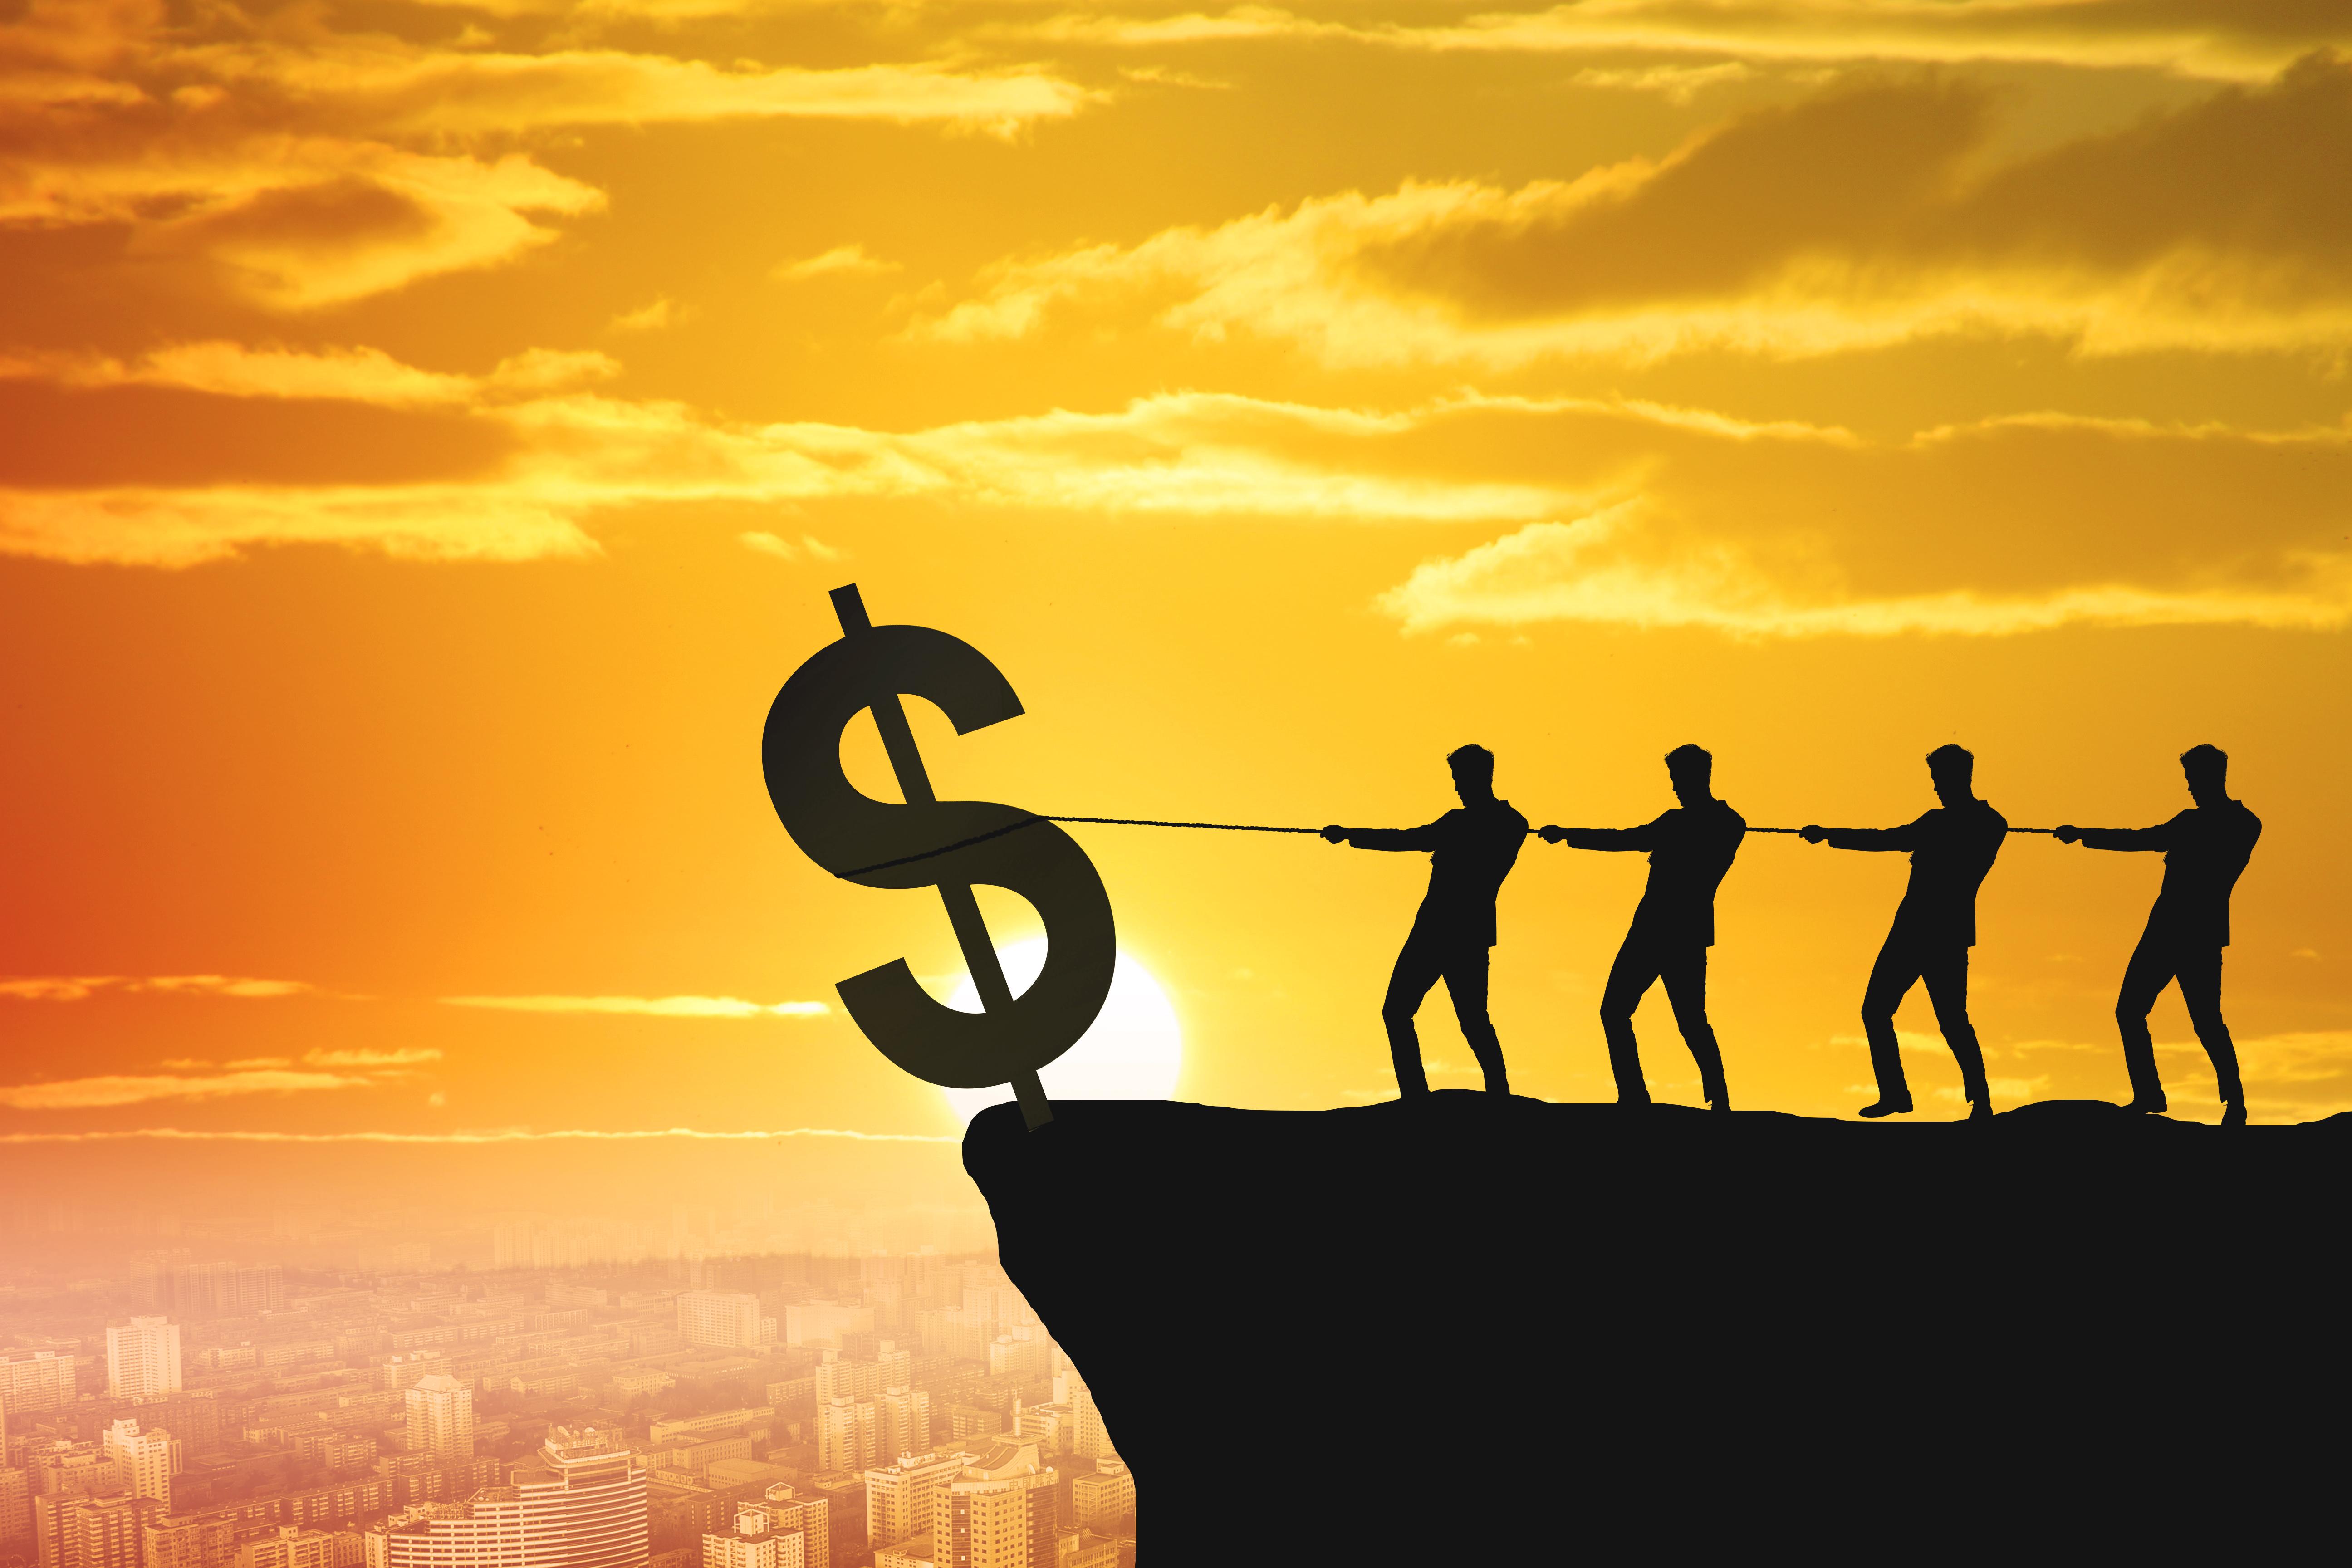 民间借贷举证责任是怎么认定的